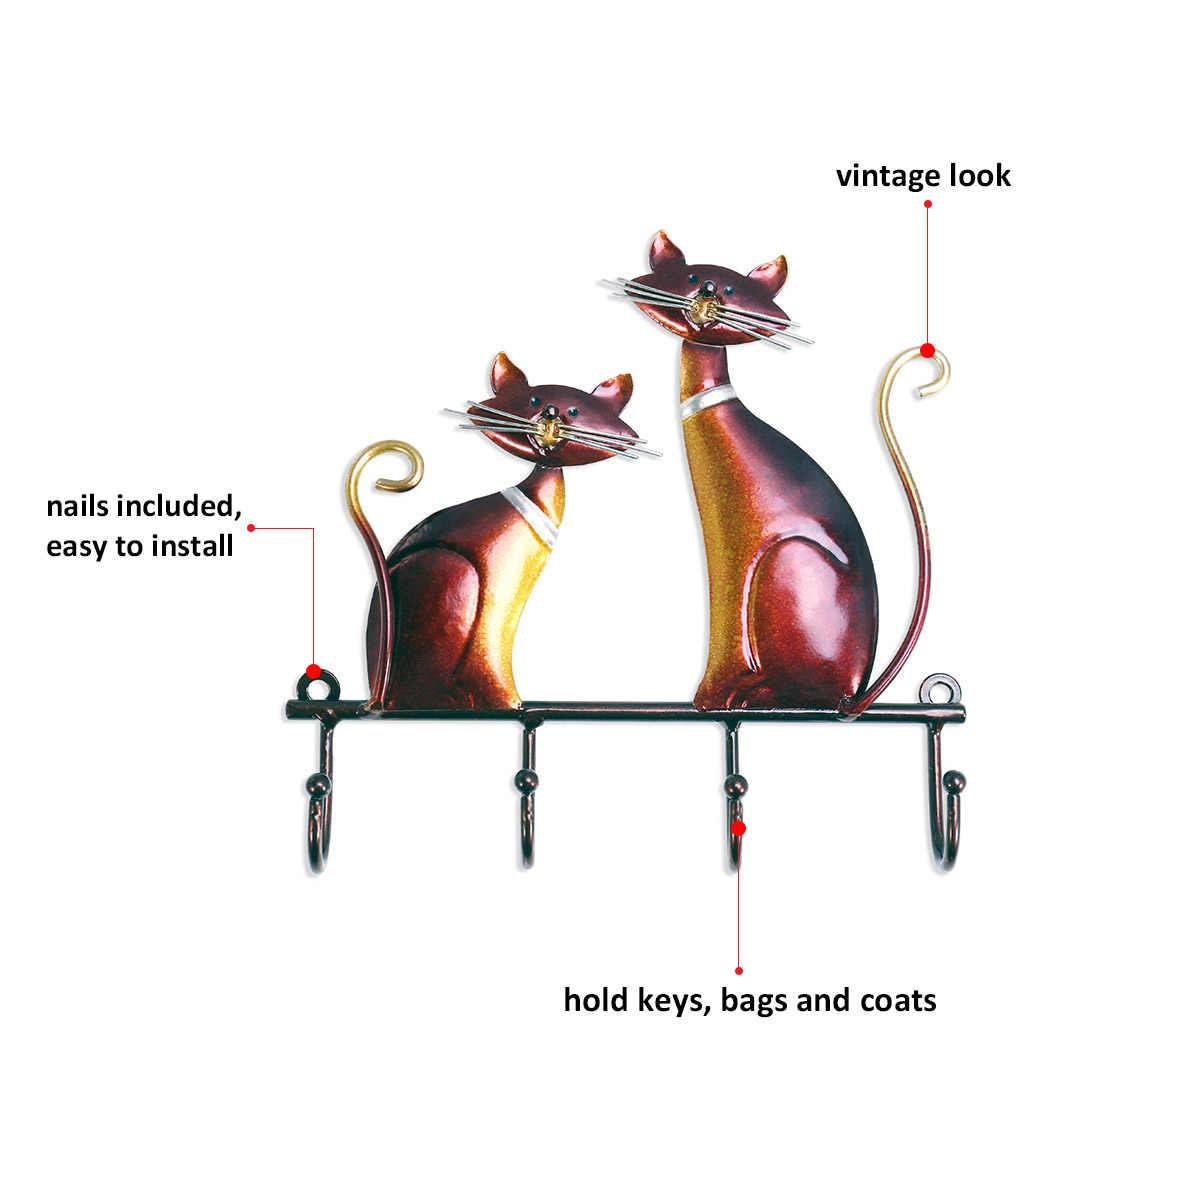 Tooarts 鉄キーホルダー猫壁ハンガーフック装飾コート用 4 フック袋壁マウント服ホルダー装飾としてギフト